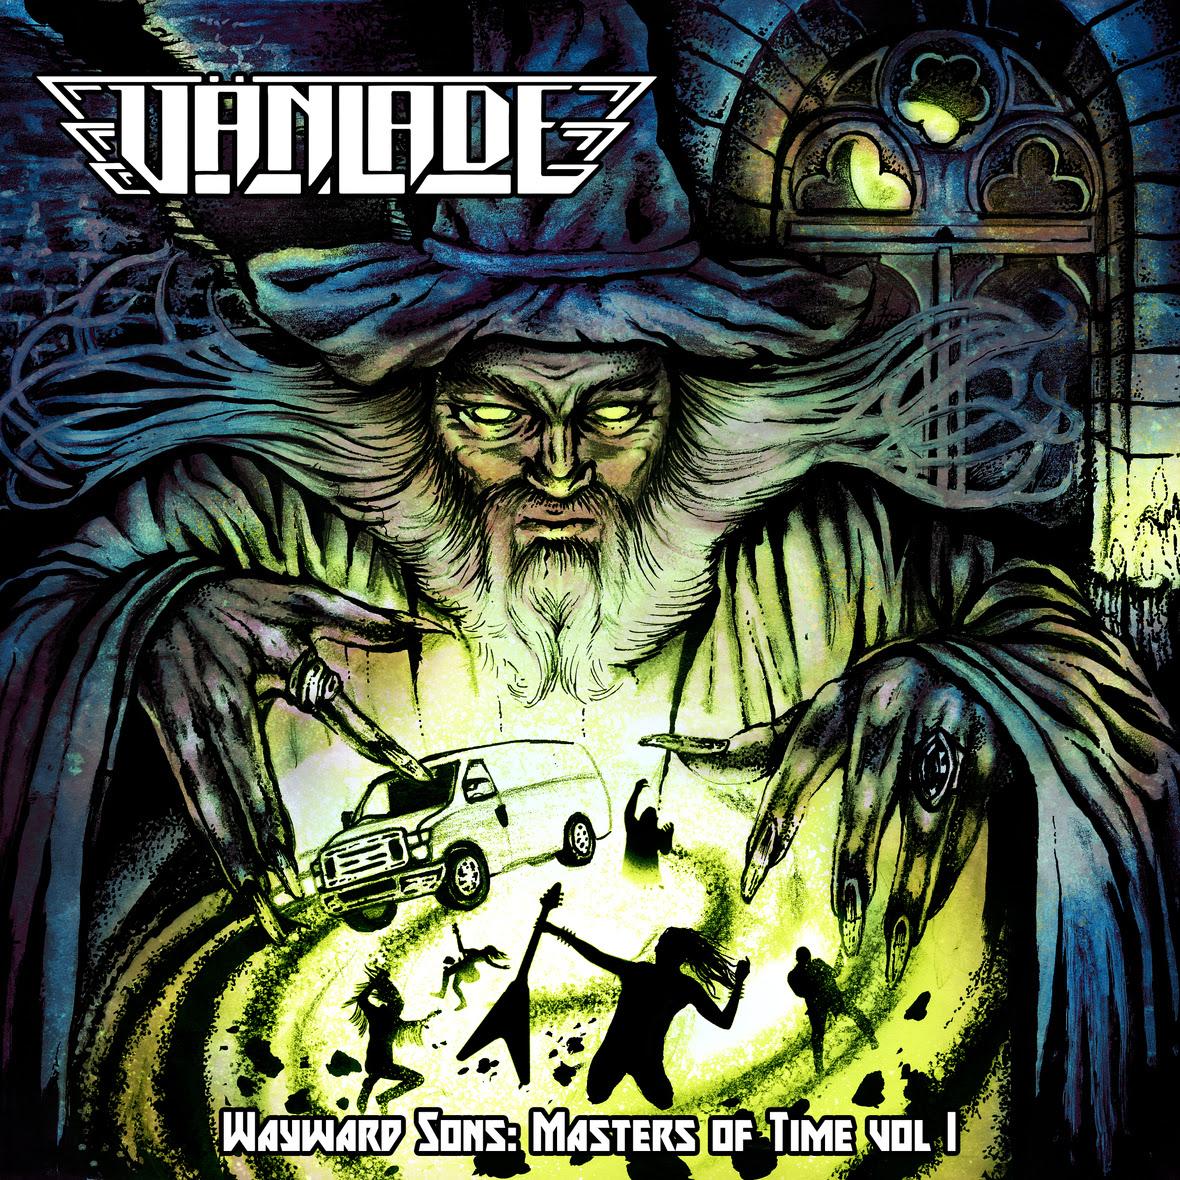 wayward sons-1